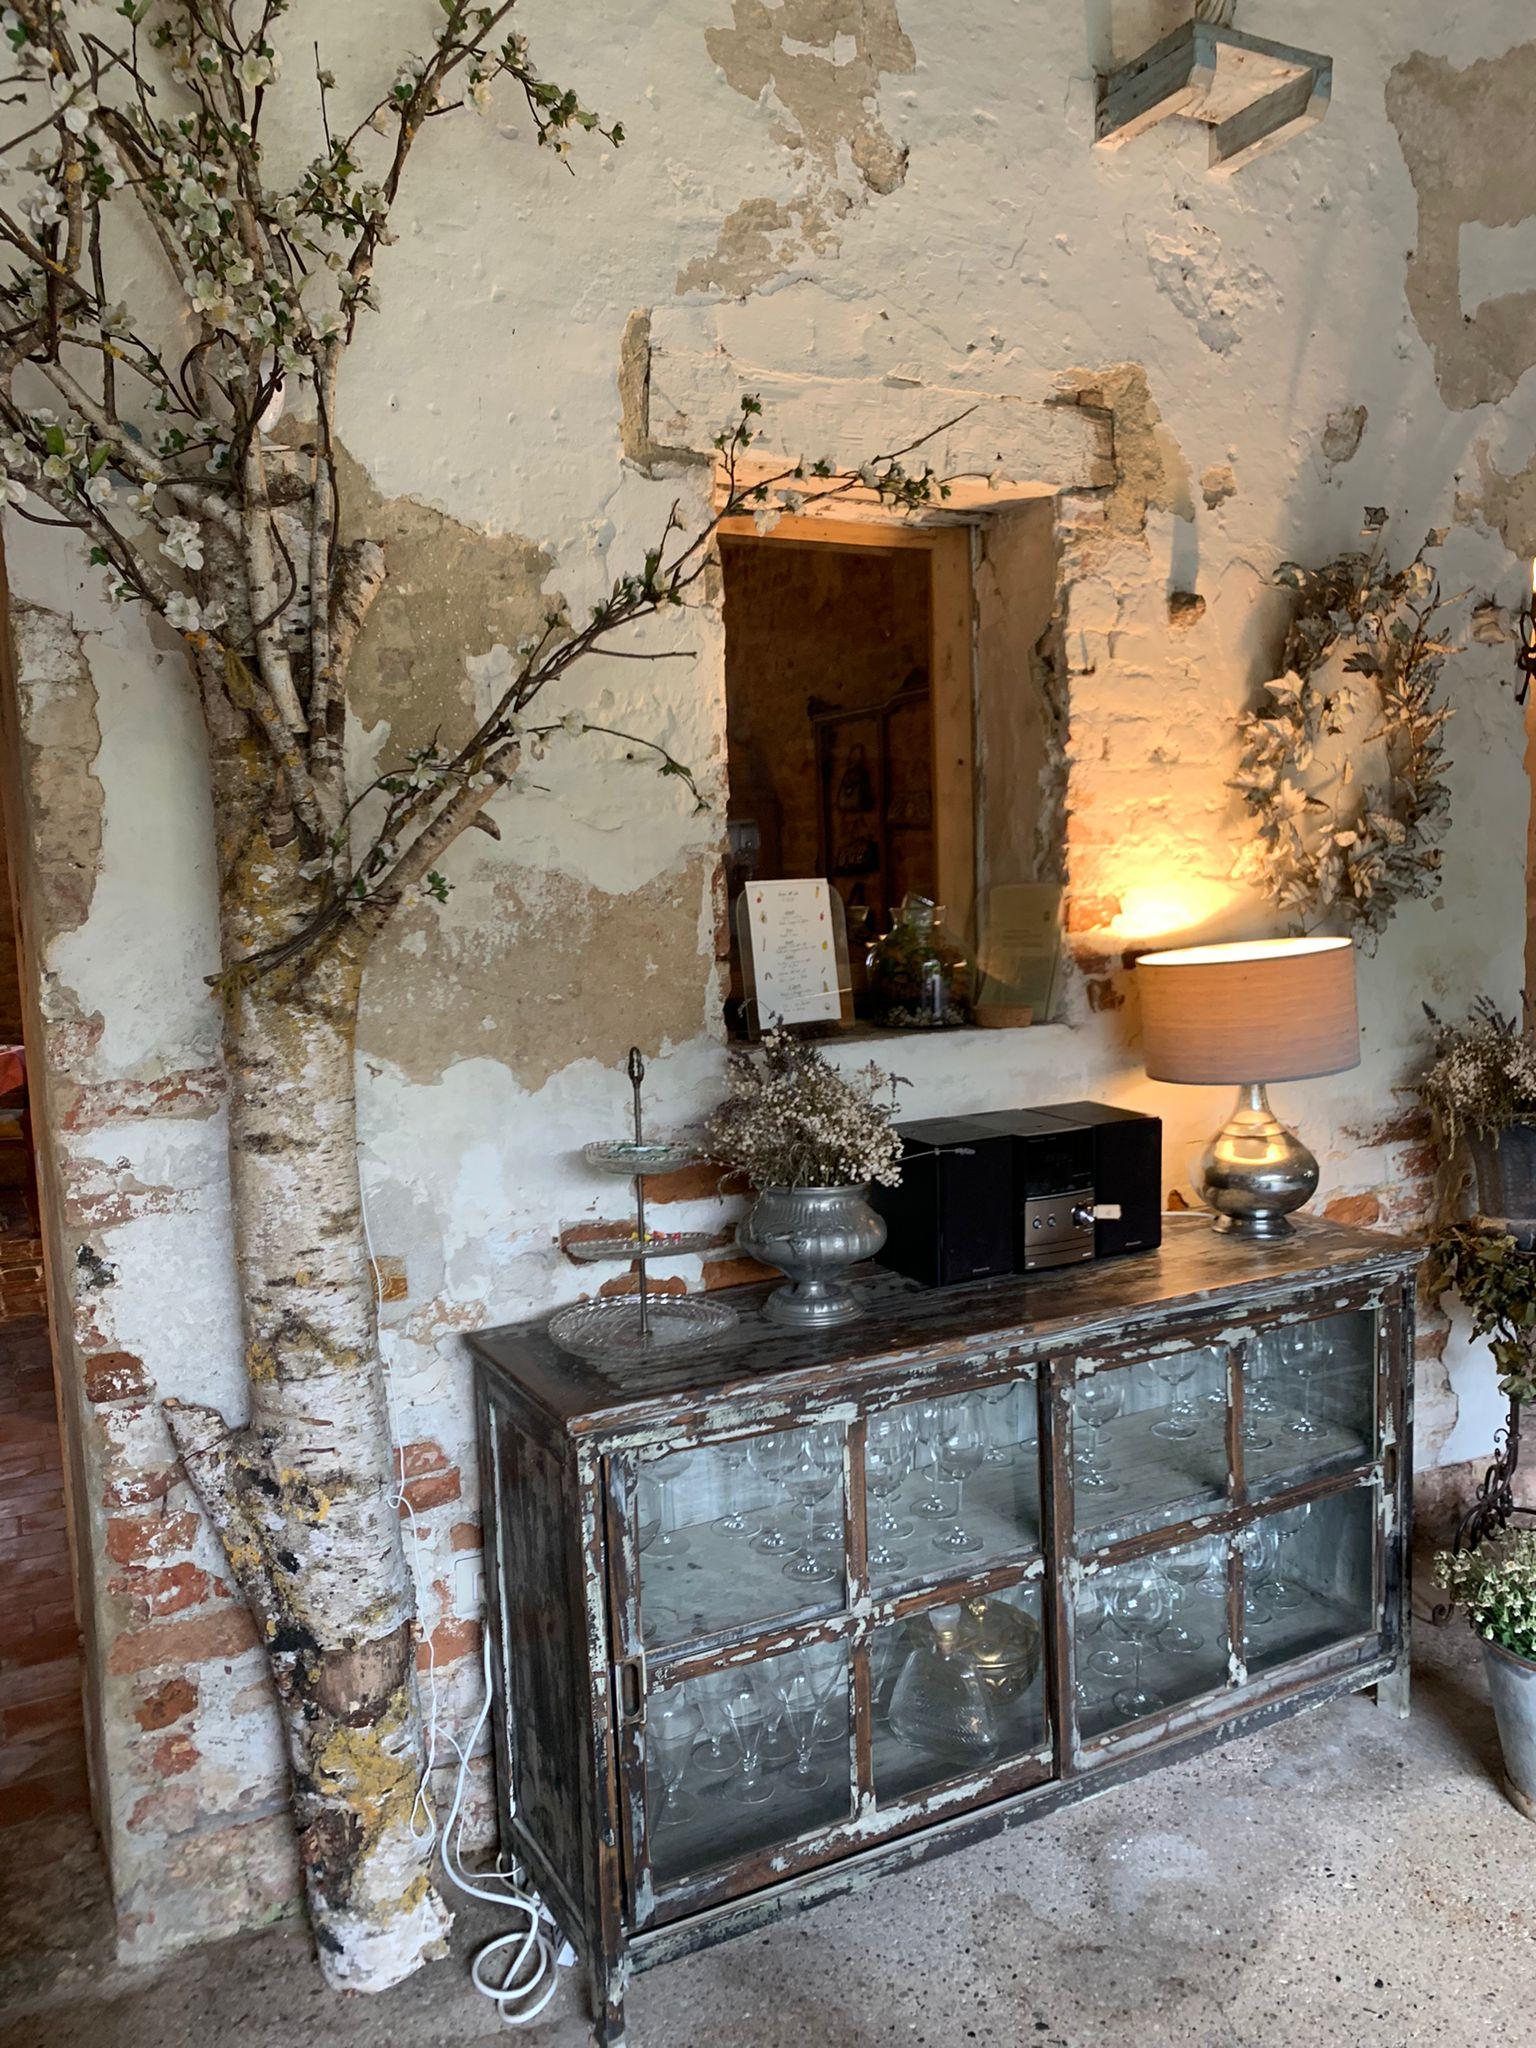 L'arredo rustico e raffinato del casale del '600 ristrutturato